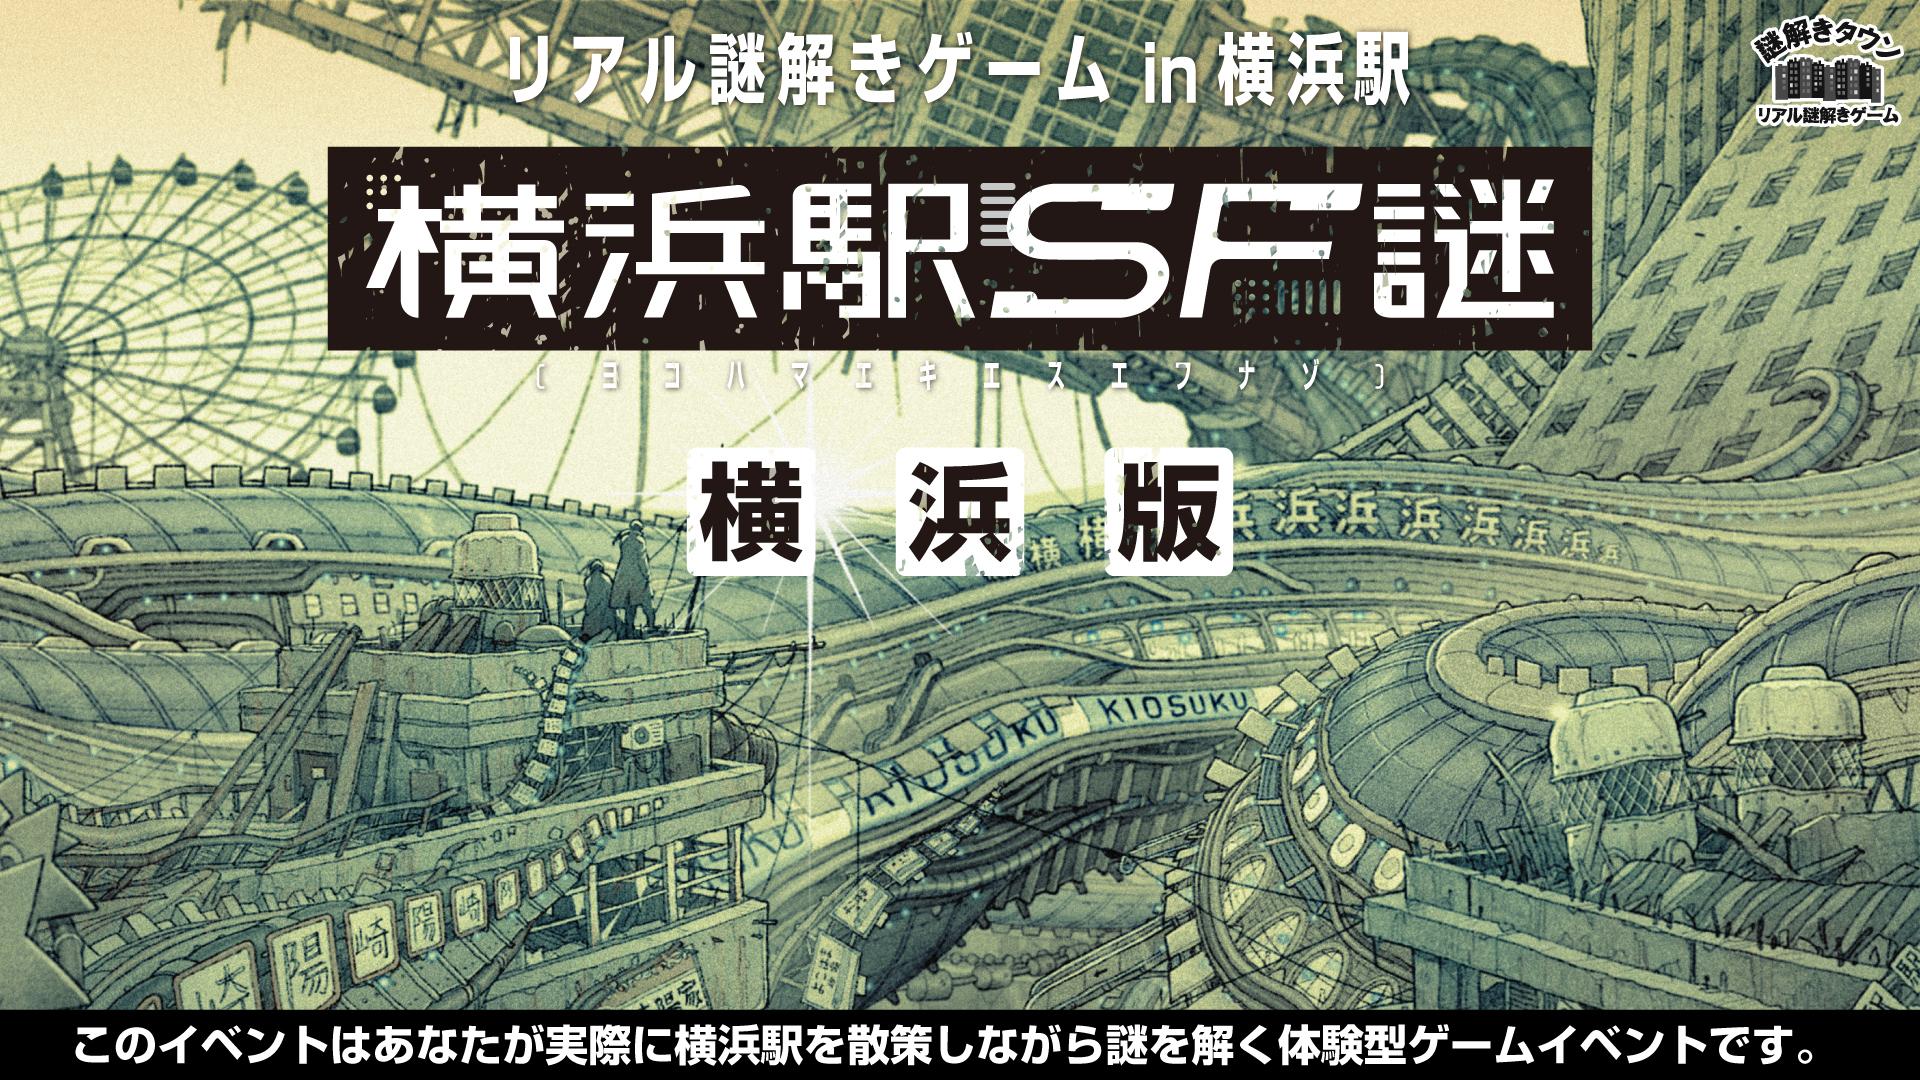 リアル謎解きゲ―ム in 横浜駅 横浜駅SF謎 -横浜版-